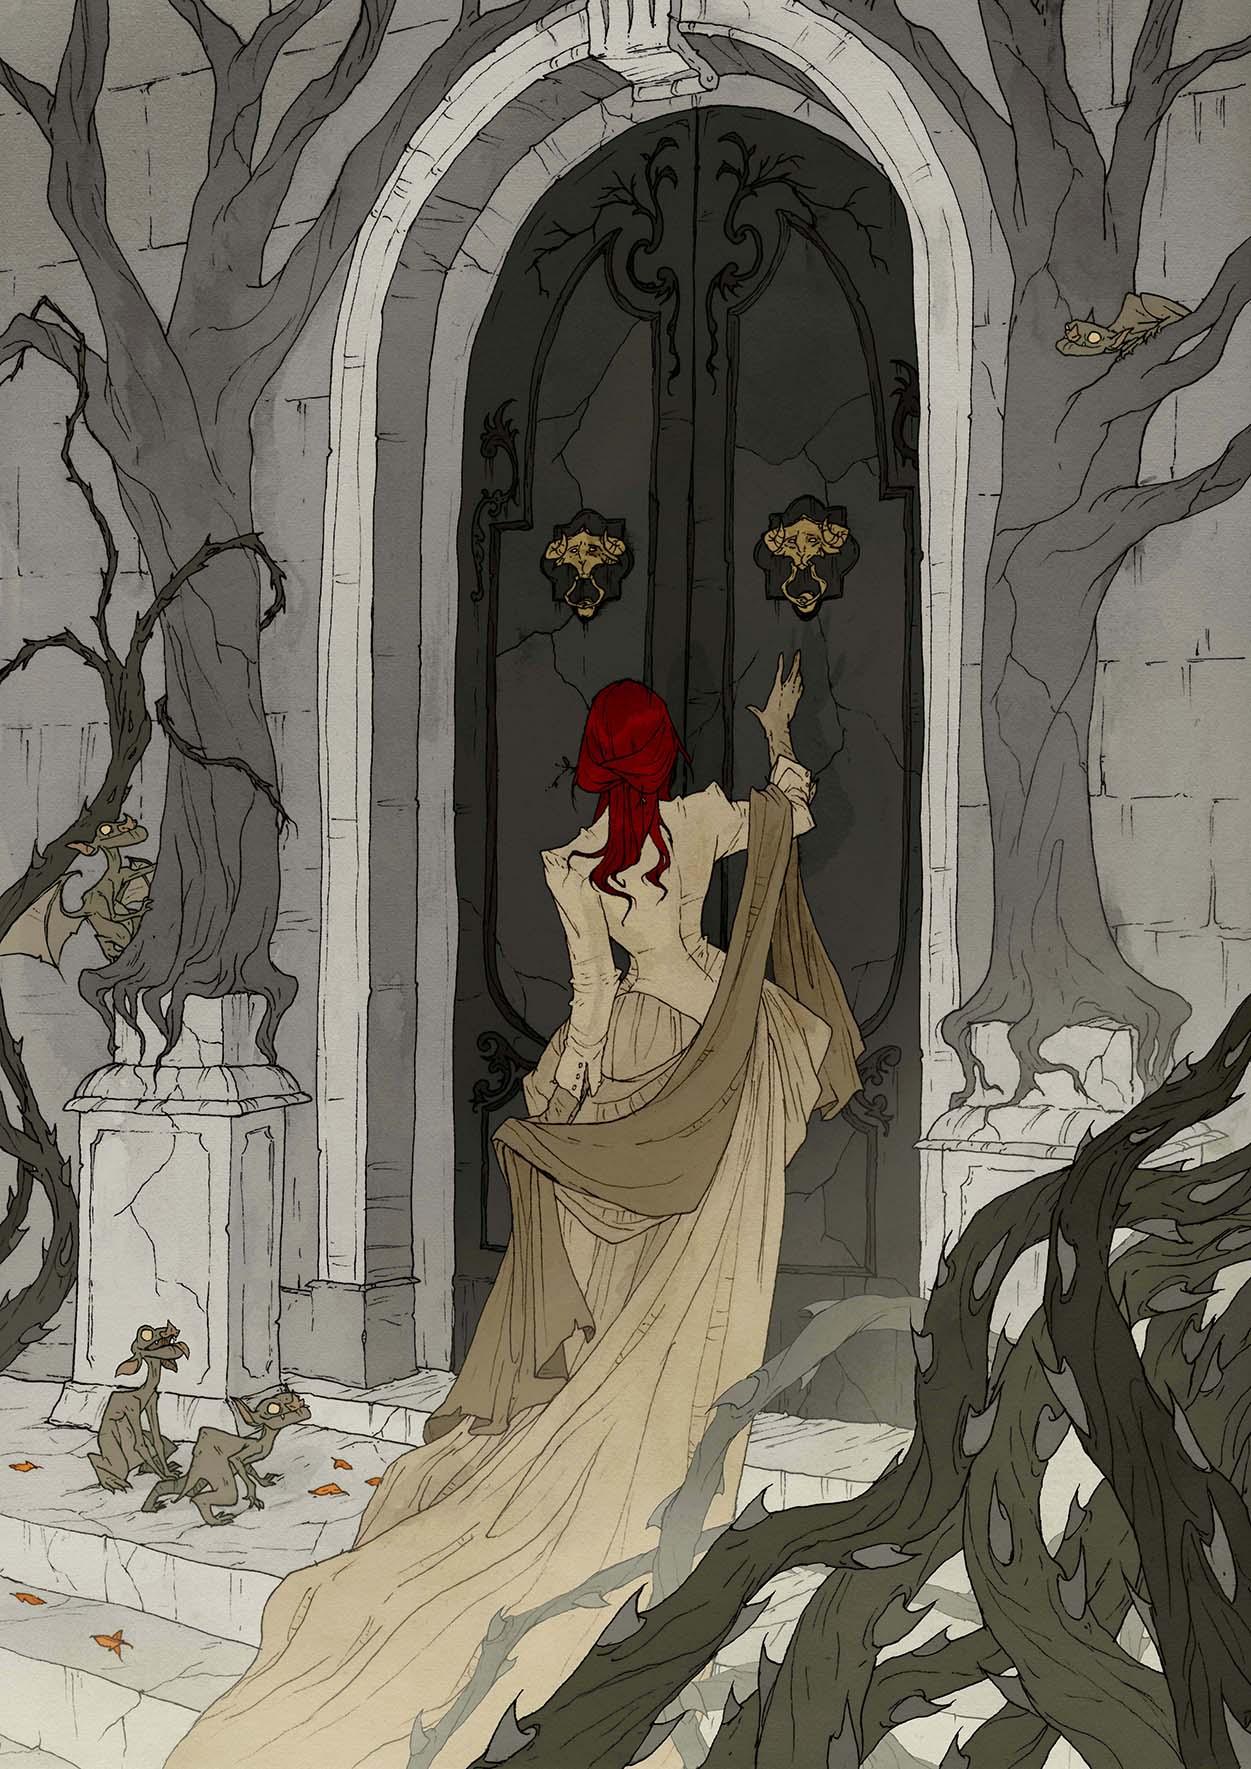 L'artbook Crimson d'Abigail Larson : une jeune femme se présente à la porte d'un château.